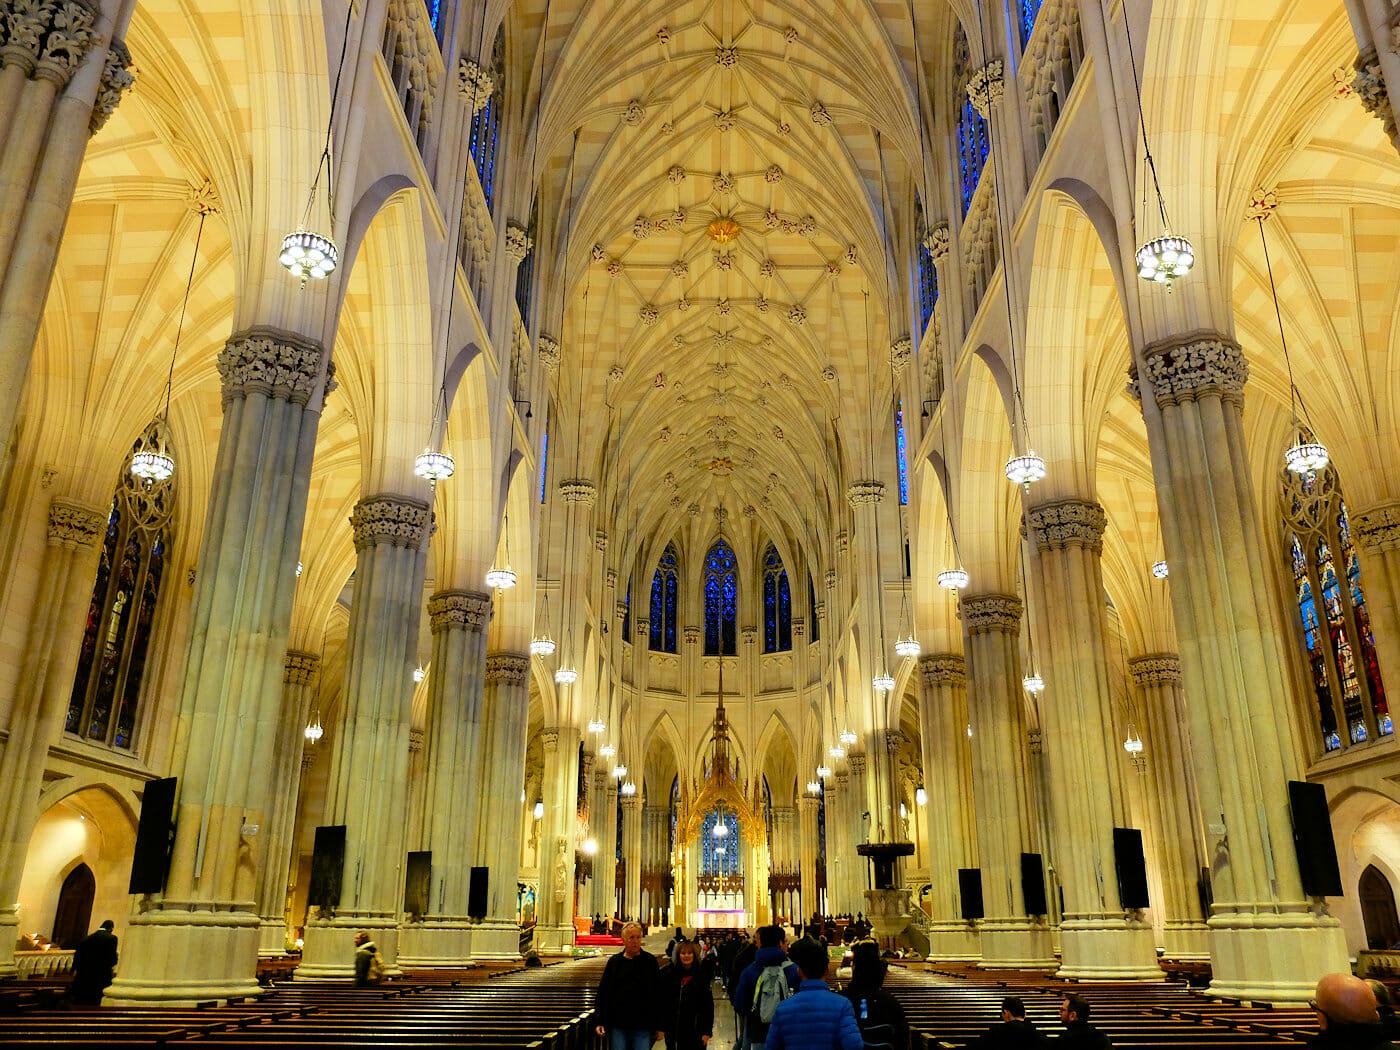 St. Patrick's Cathedral en Nueva York - Arquitectura impresionante